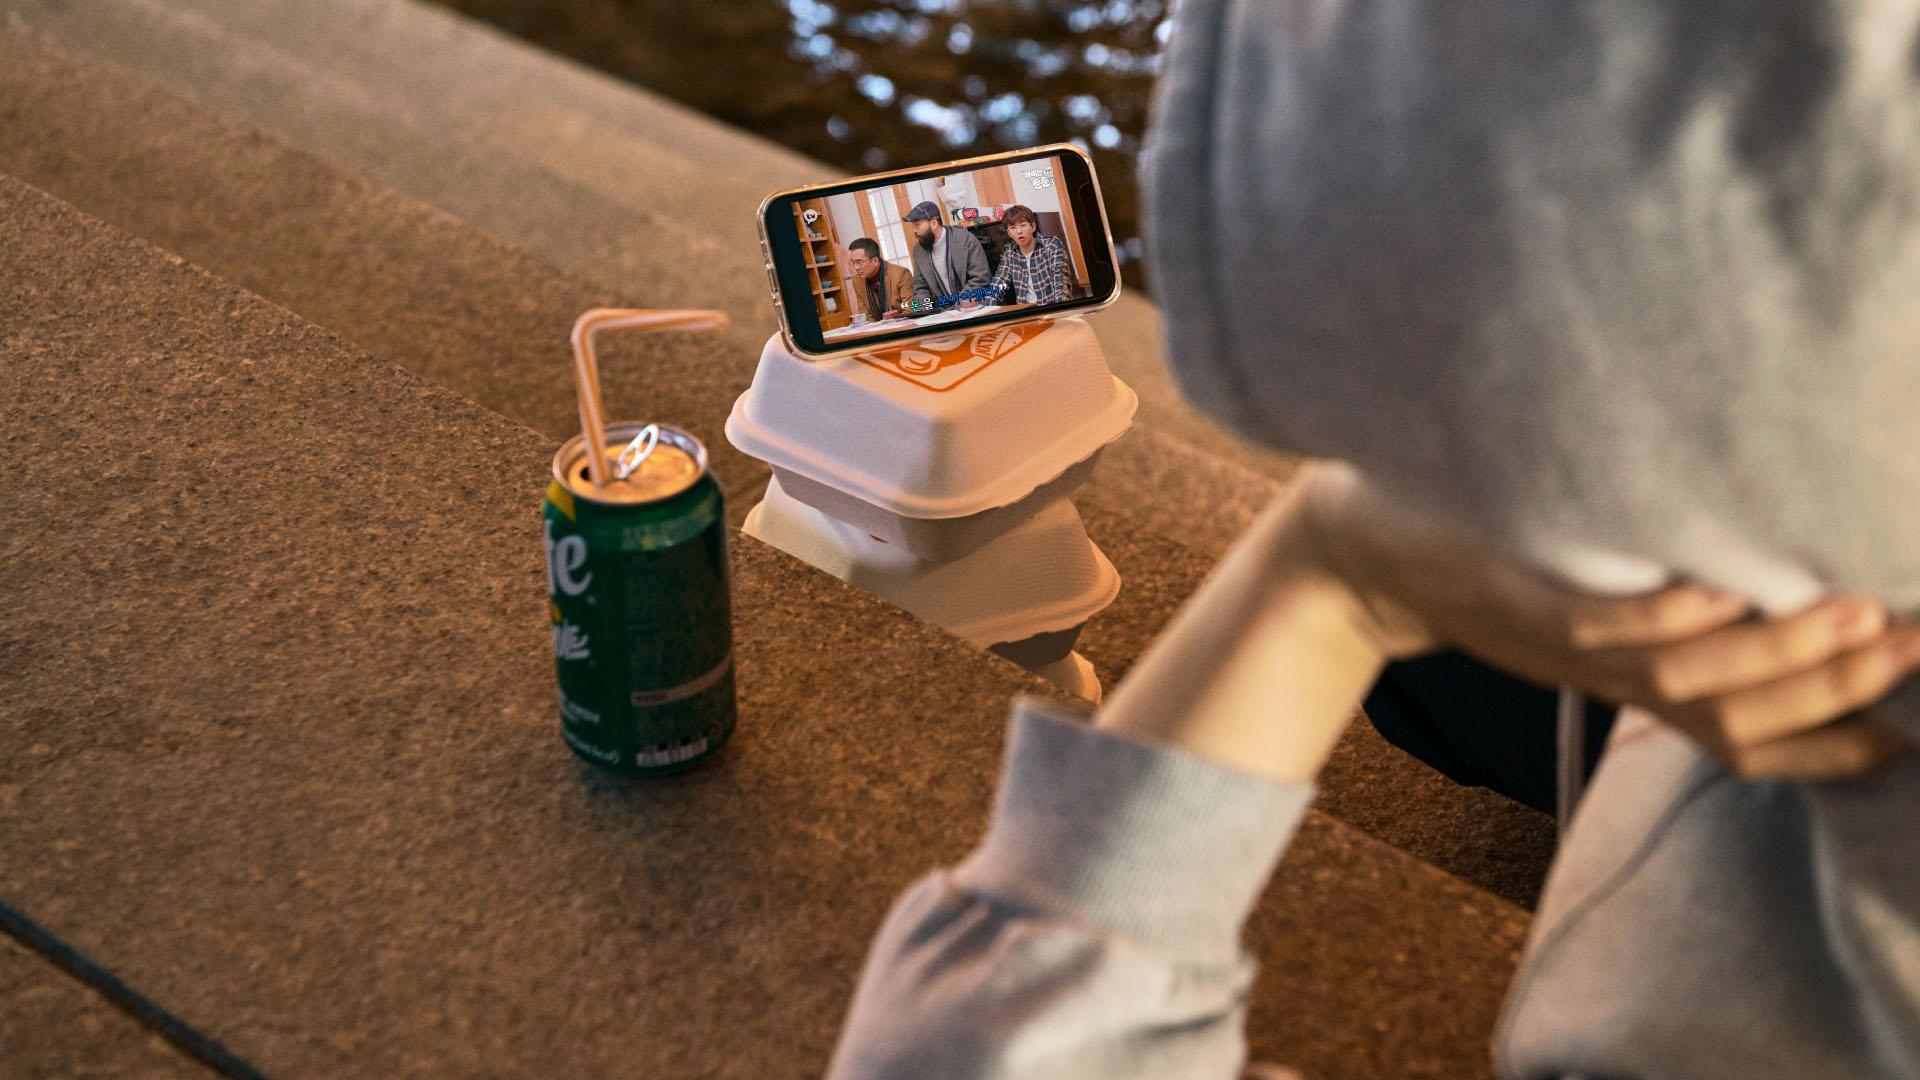 야외에서 간식과 함께 핸드폰으로 카카오TV 통해 영상을 보고 있는 사람의 사진